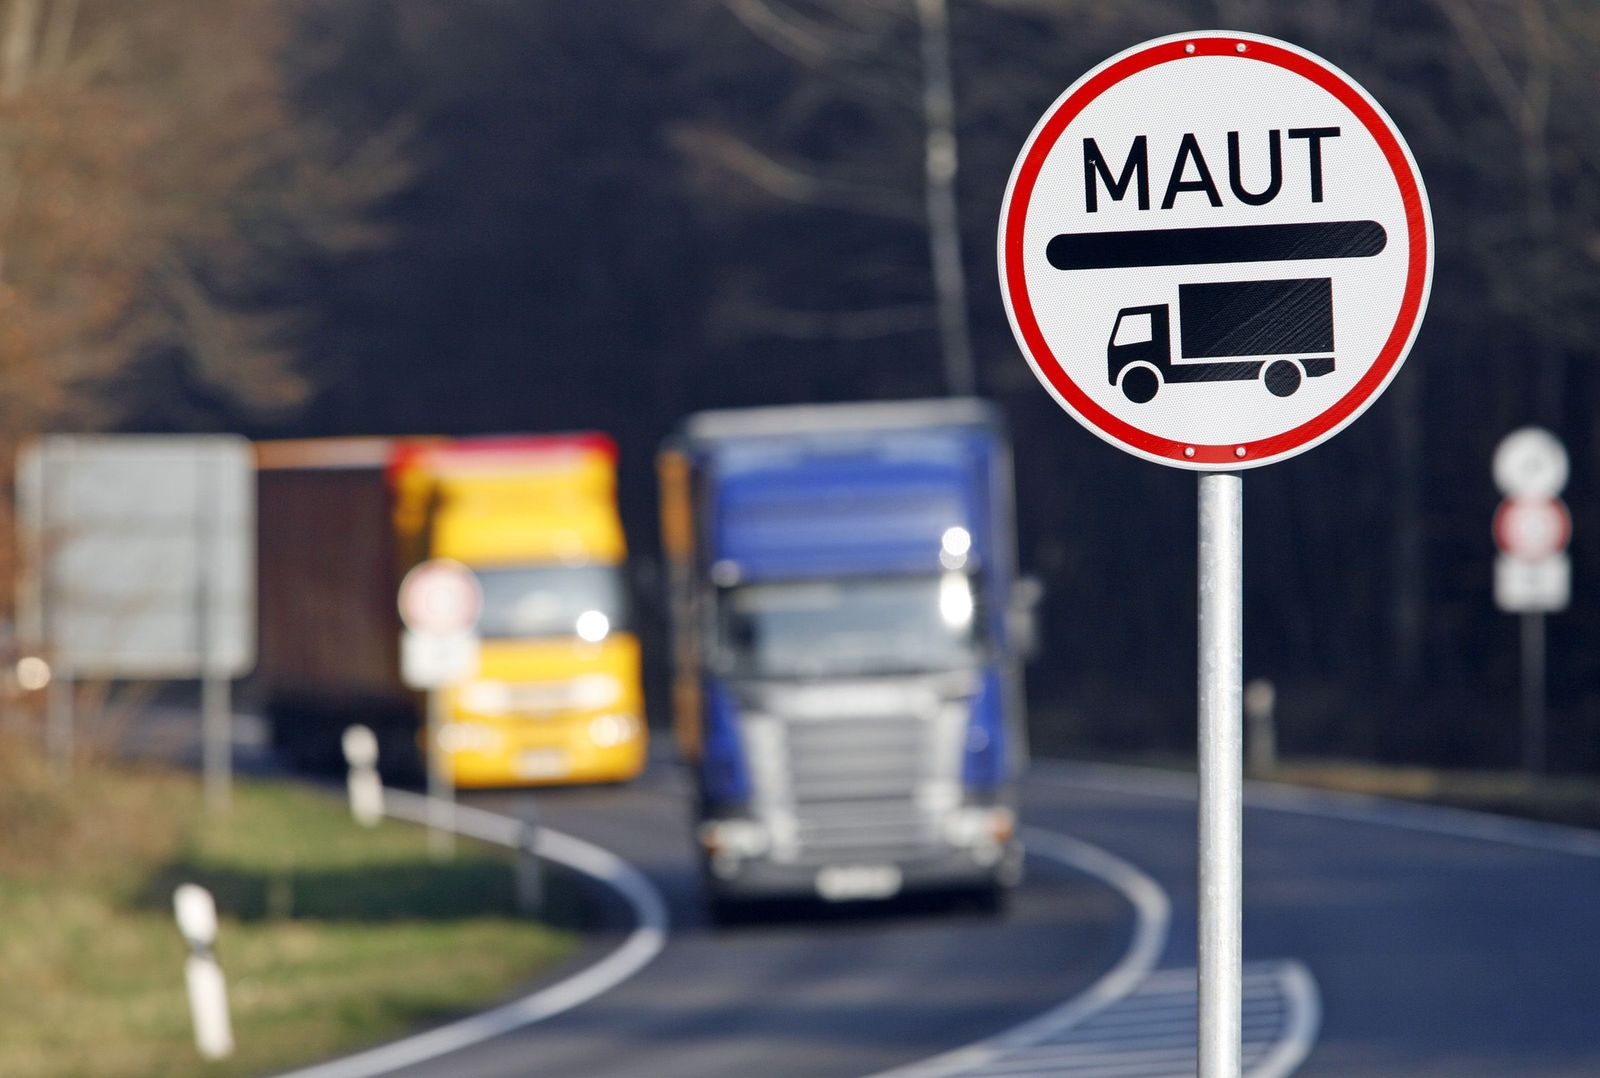 Lkw-Maut auf Bundesstraße 9 in der Pfalz